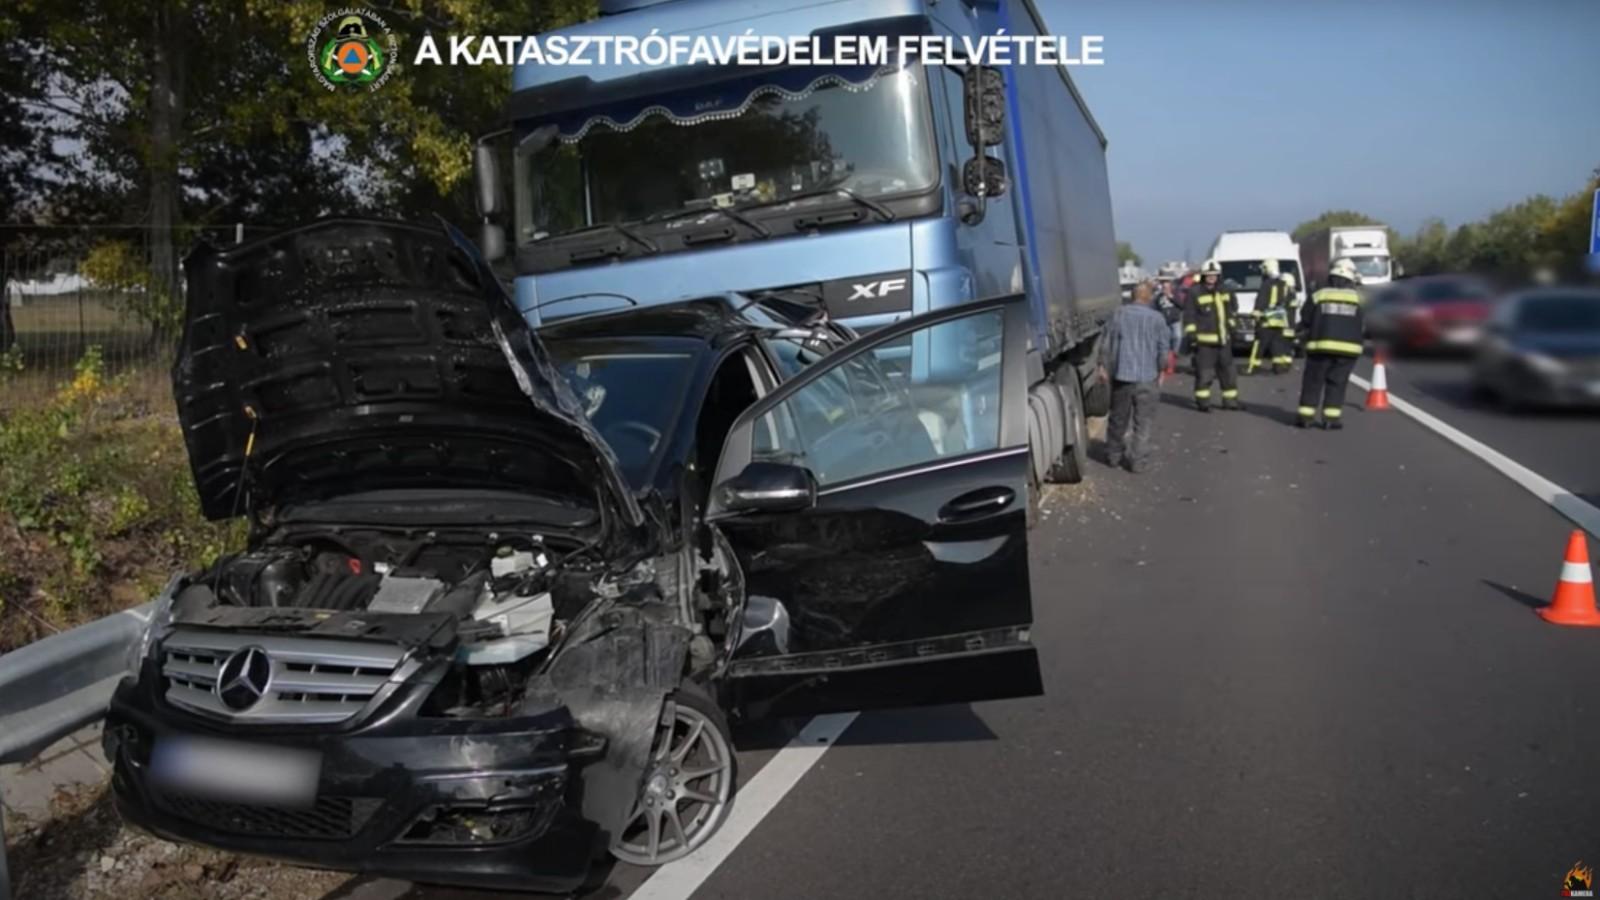 Tömegbaleset az M2-es autóúton: 8 autó és 1 kamion karambolozott